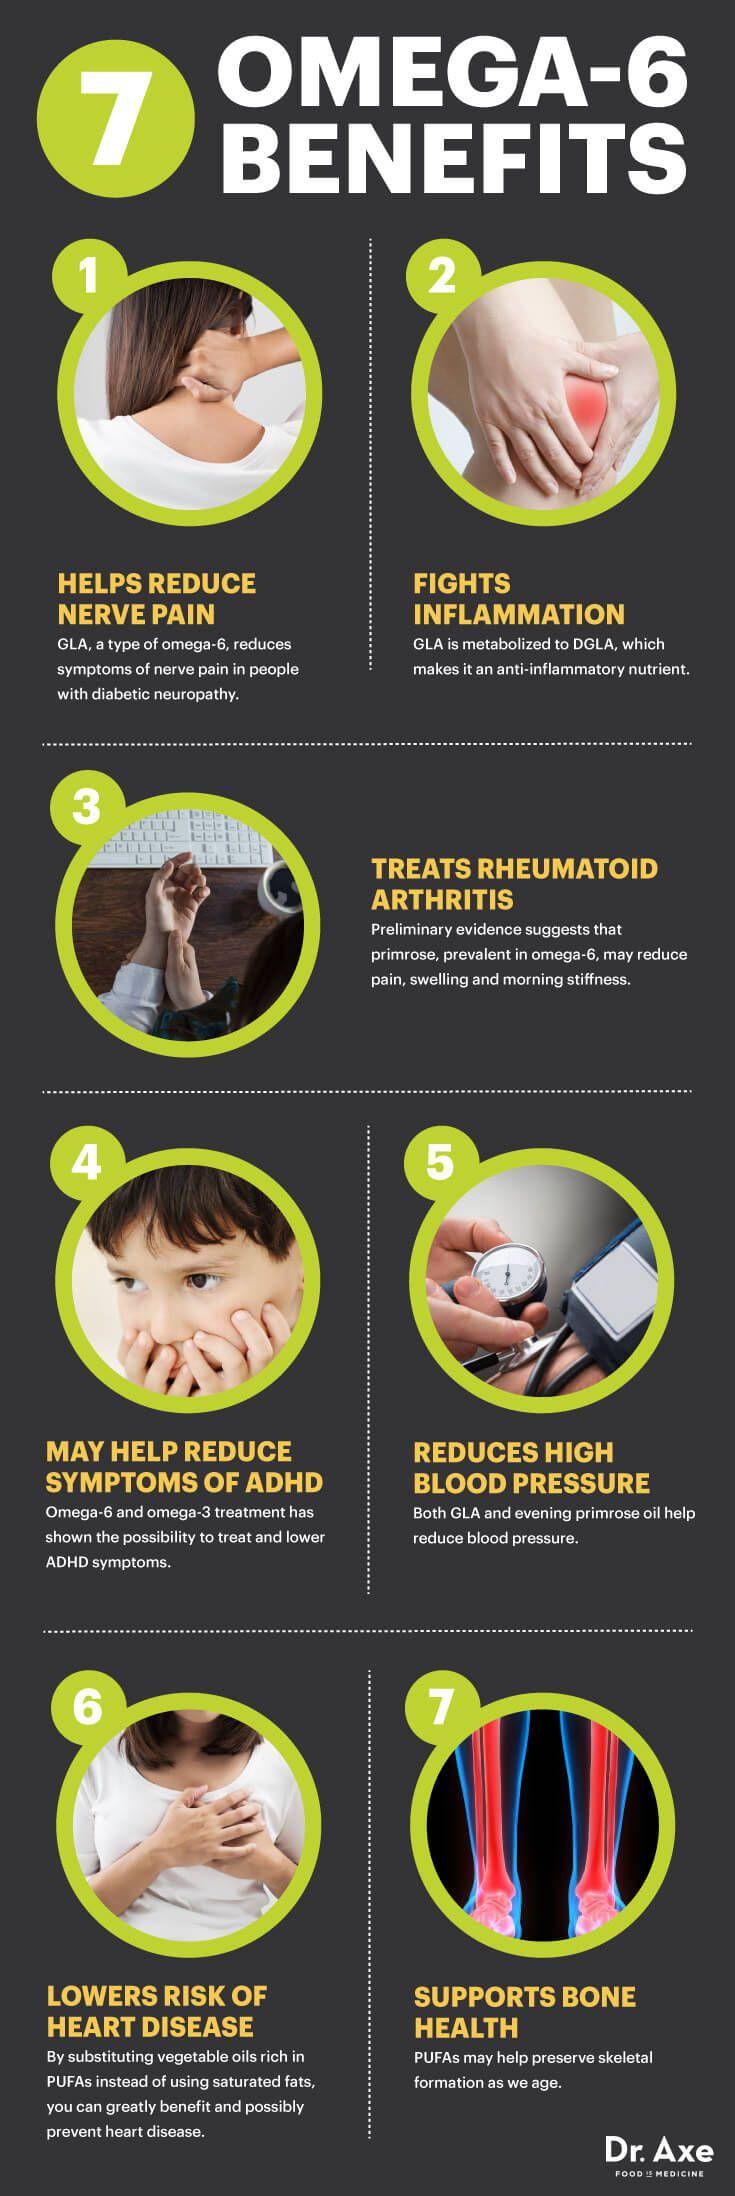 Benefits vs. Risks of Omega-6 Fatty Acids - Dr. Axe